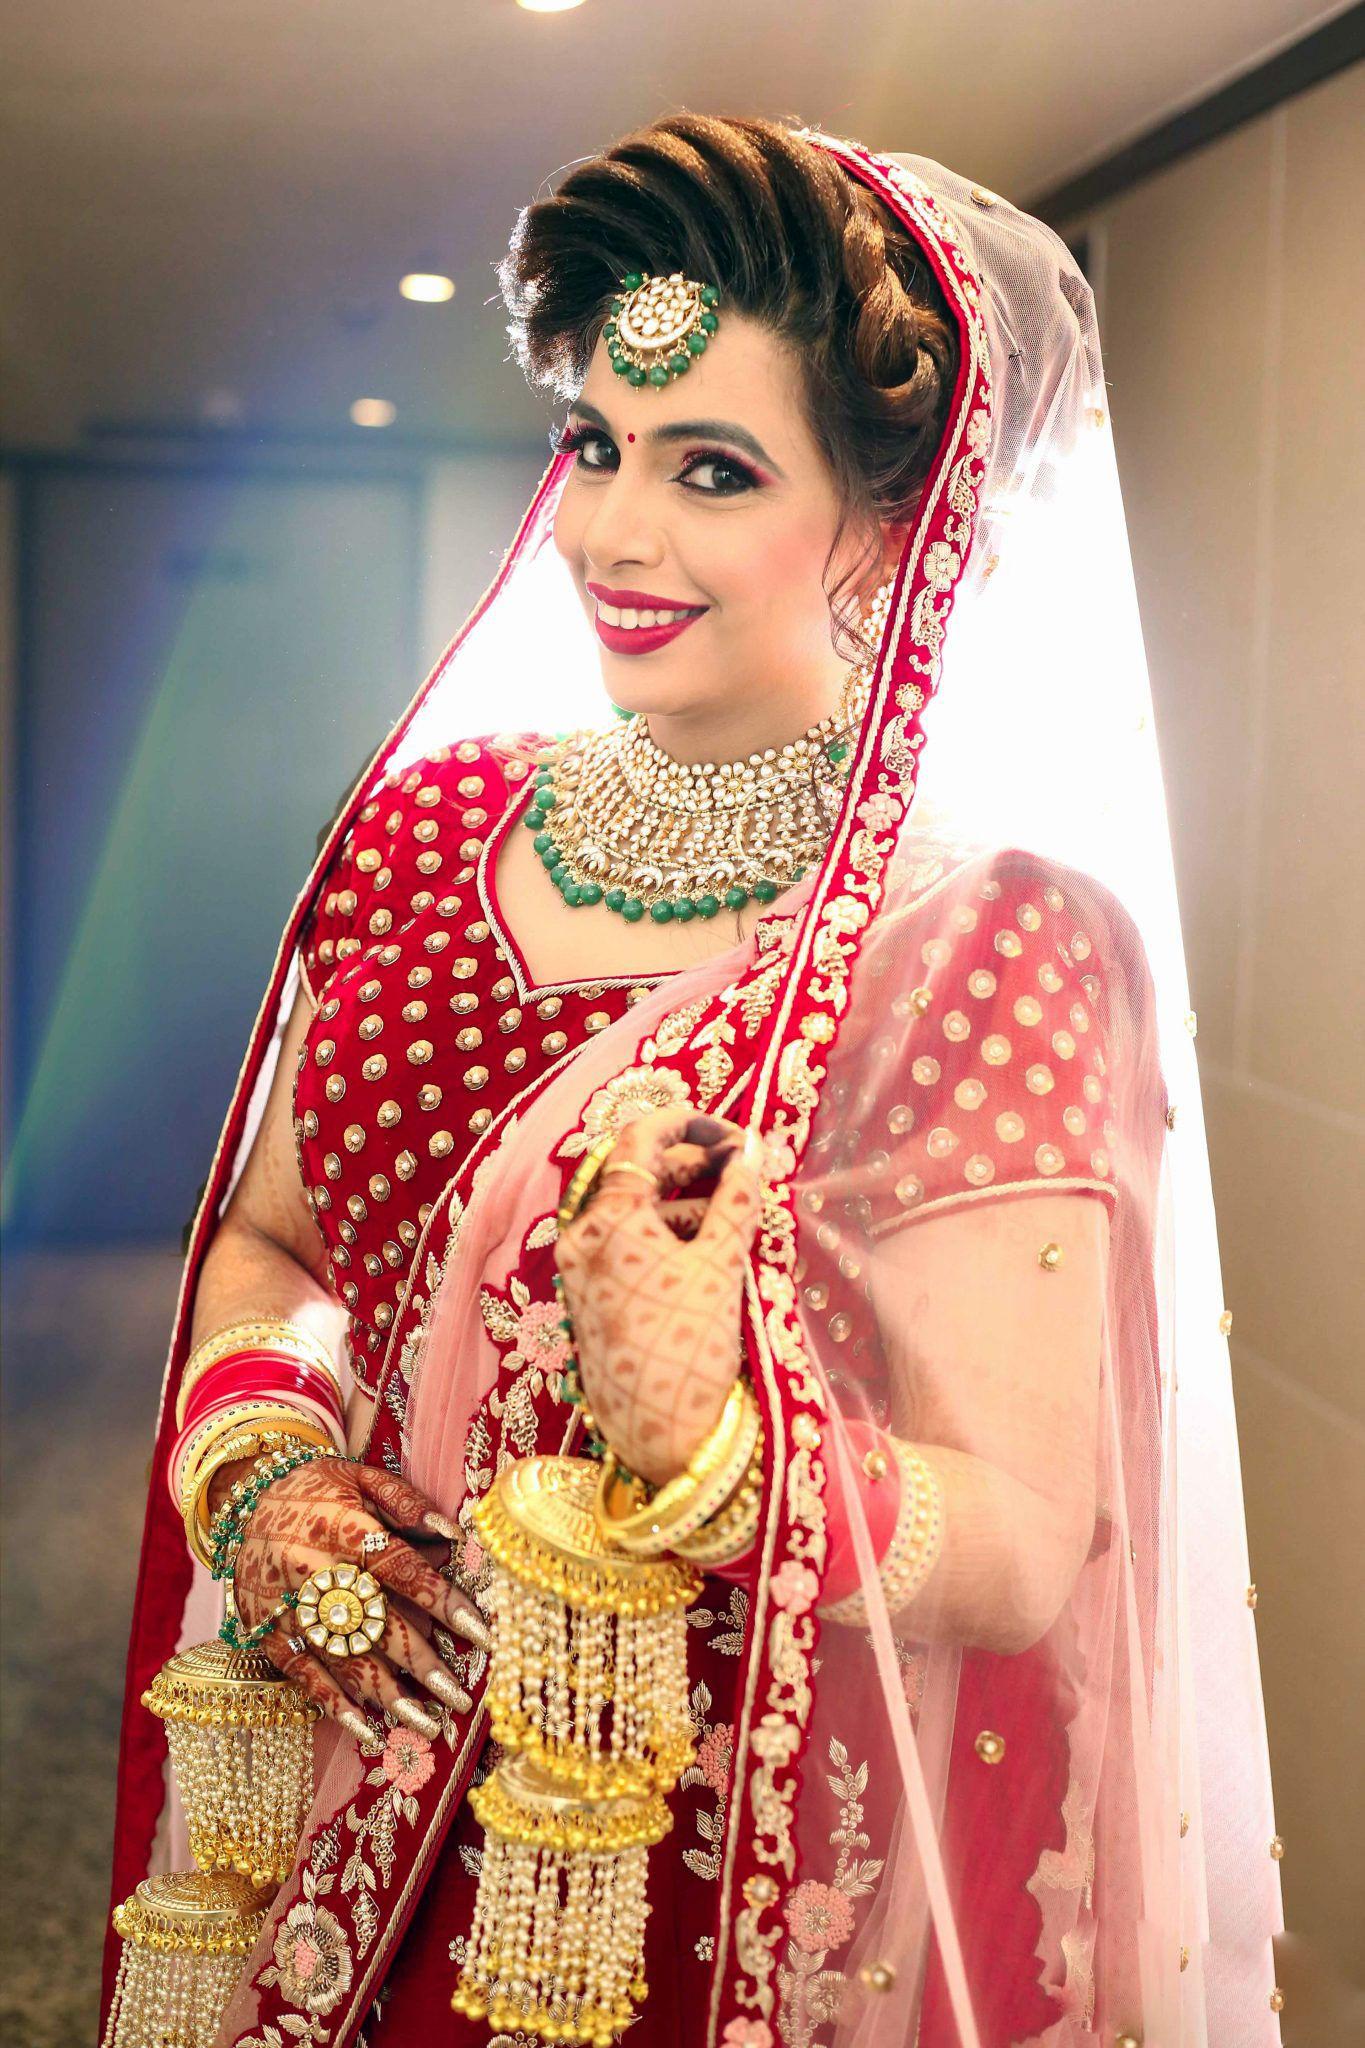 bridal portrait tips #bridalportraitposes